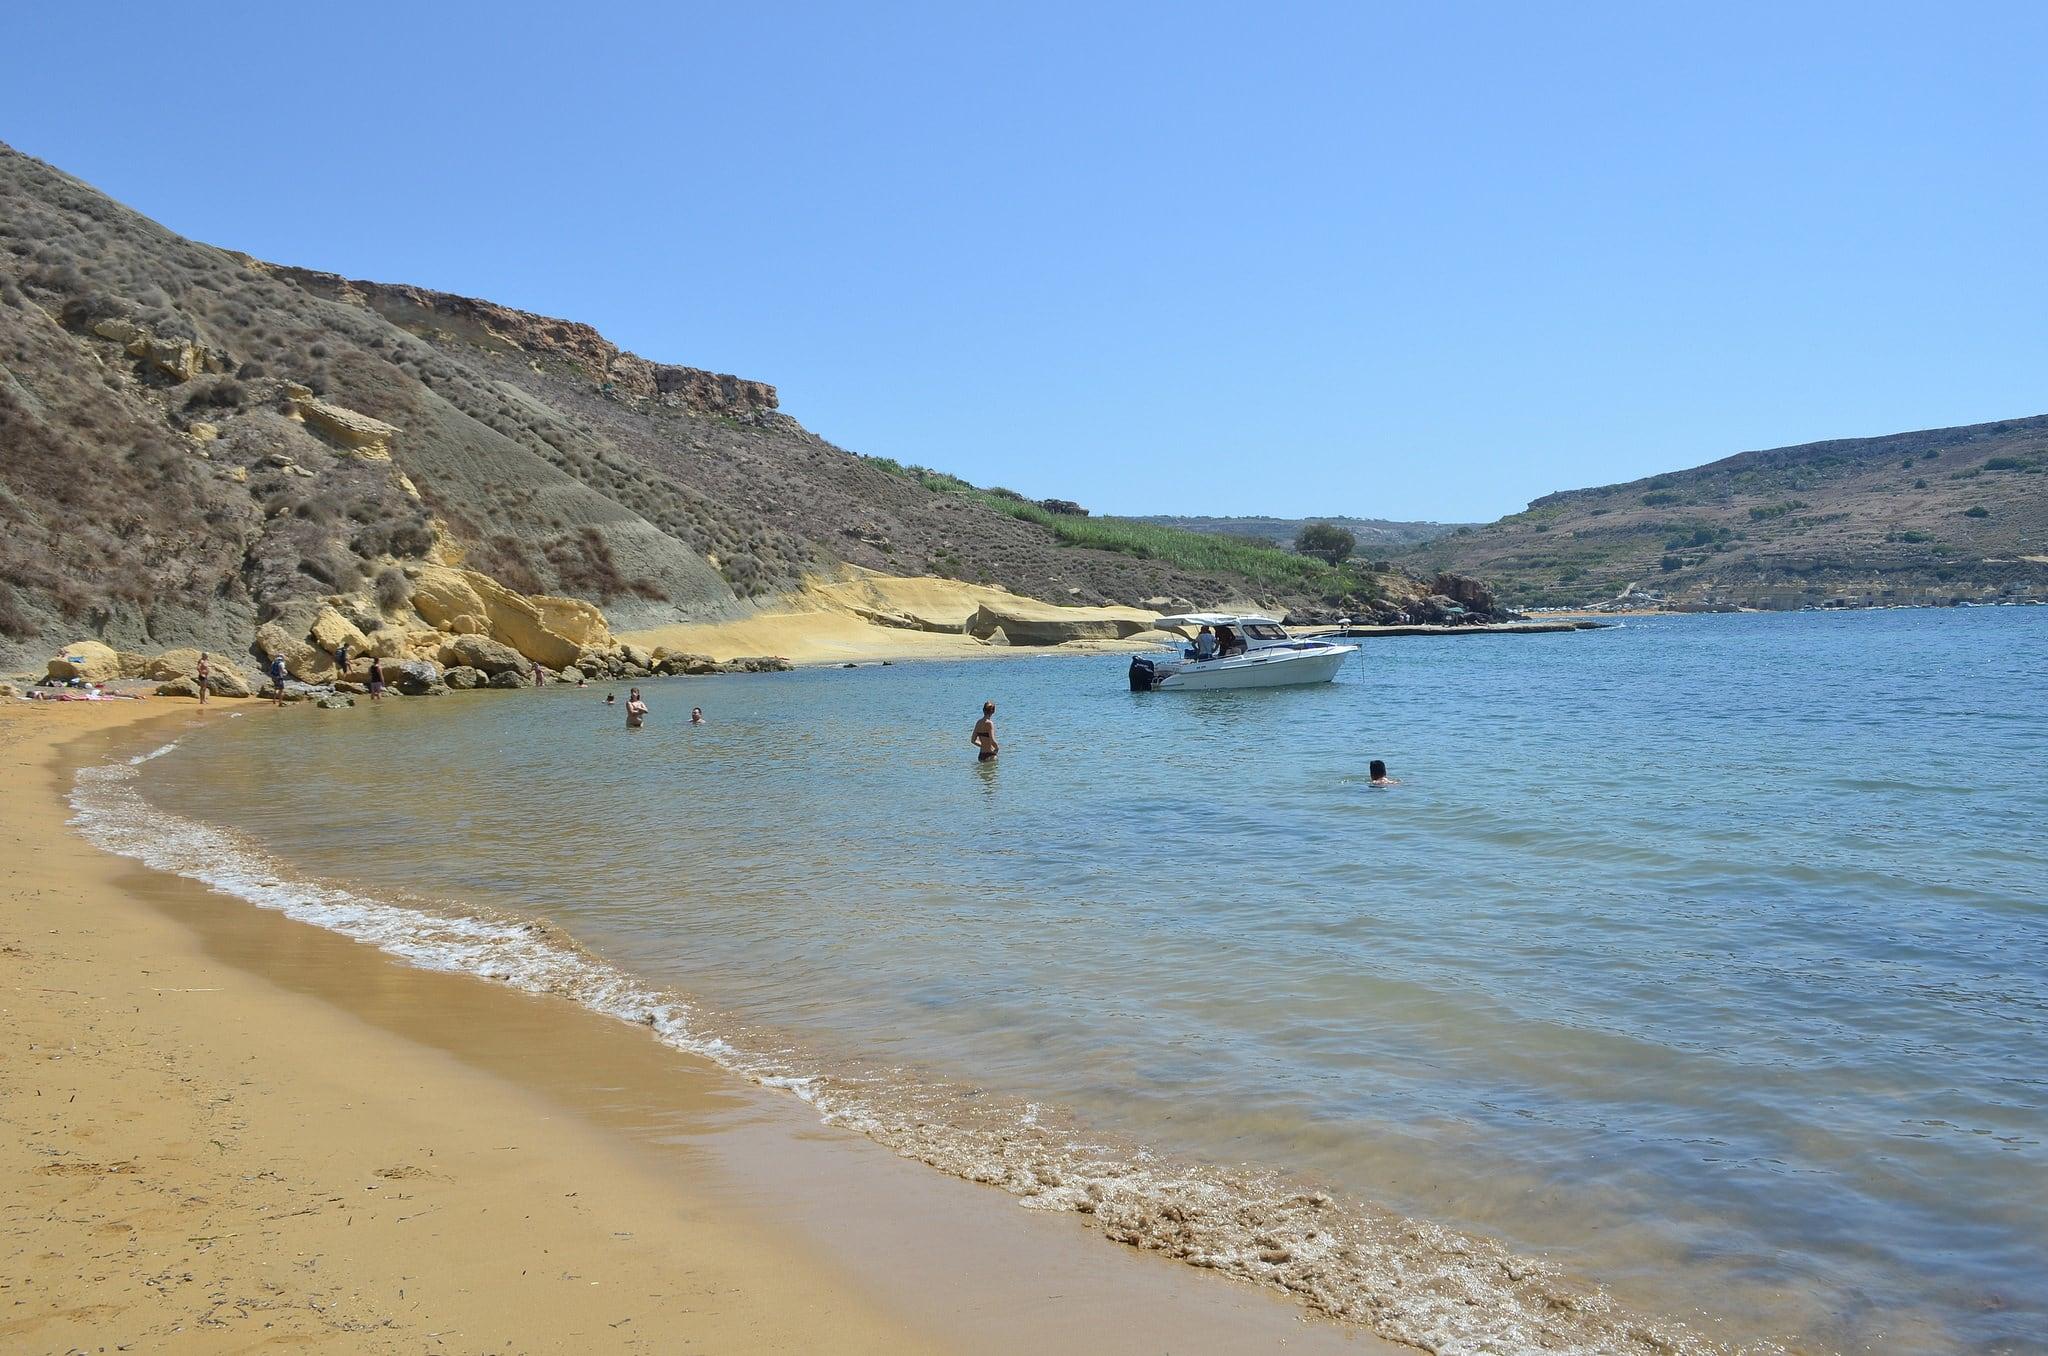 Attēls no Għajn Tuffieħa. mer malta malte baie paradisebay méditérannée crique baymalta baieduparadis paradisemalta